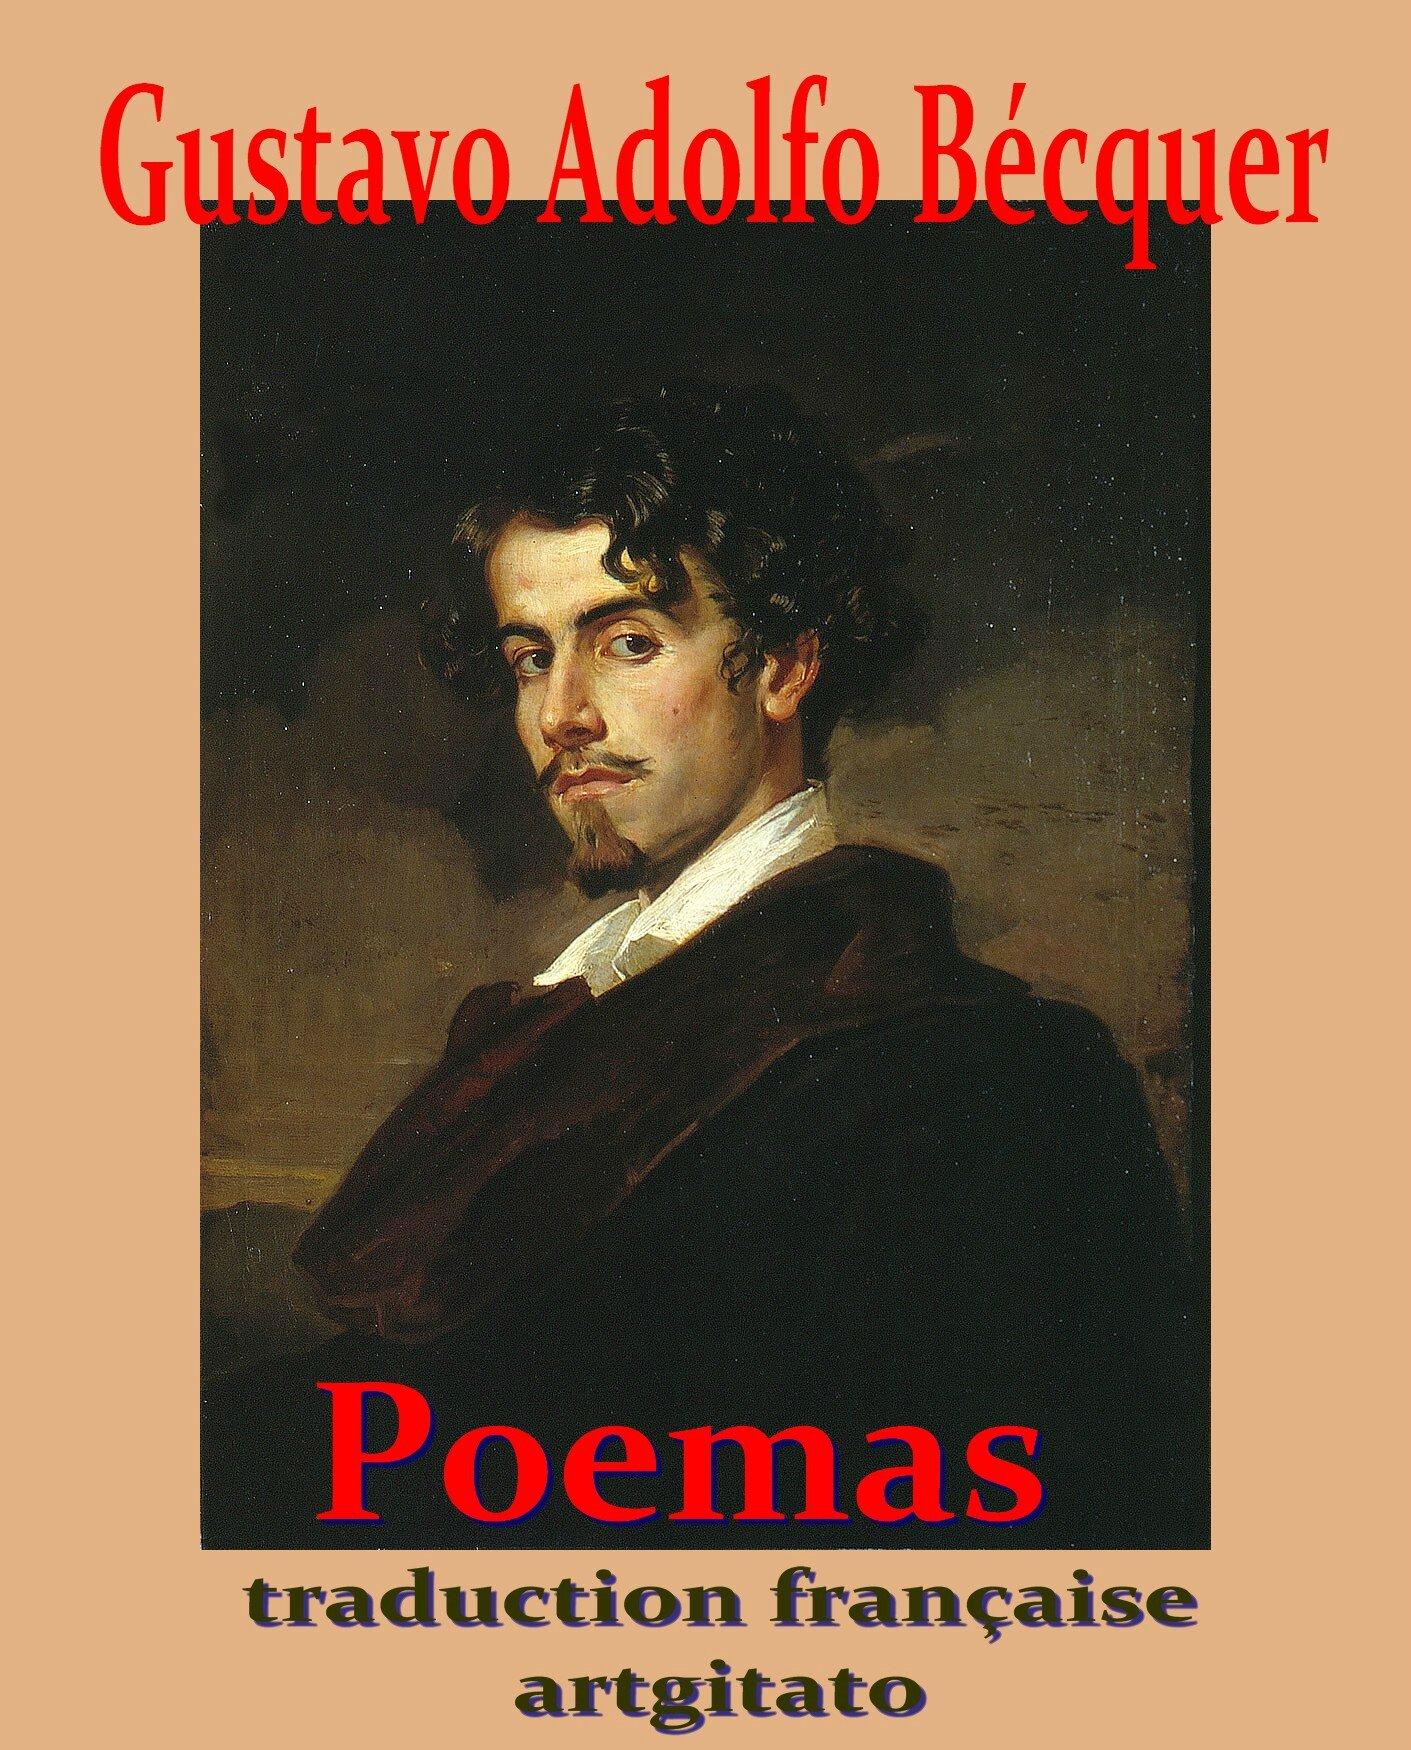 La Poésie De Gustavo Adolfo Becquer Poemas Rimas Rimes